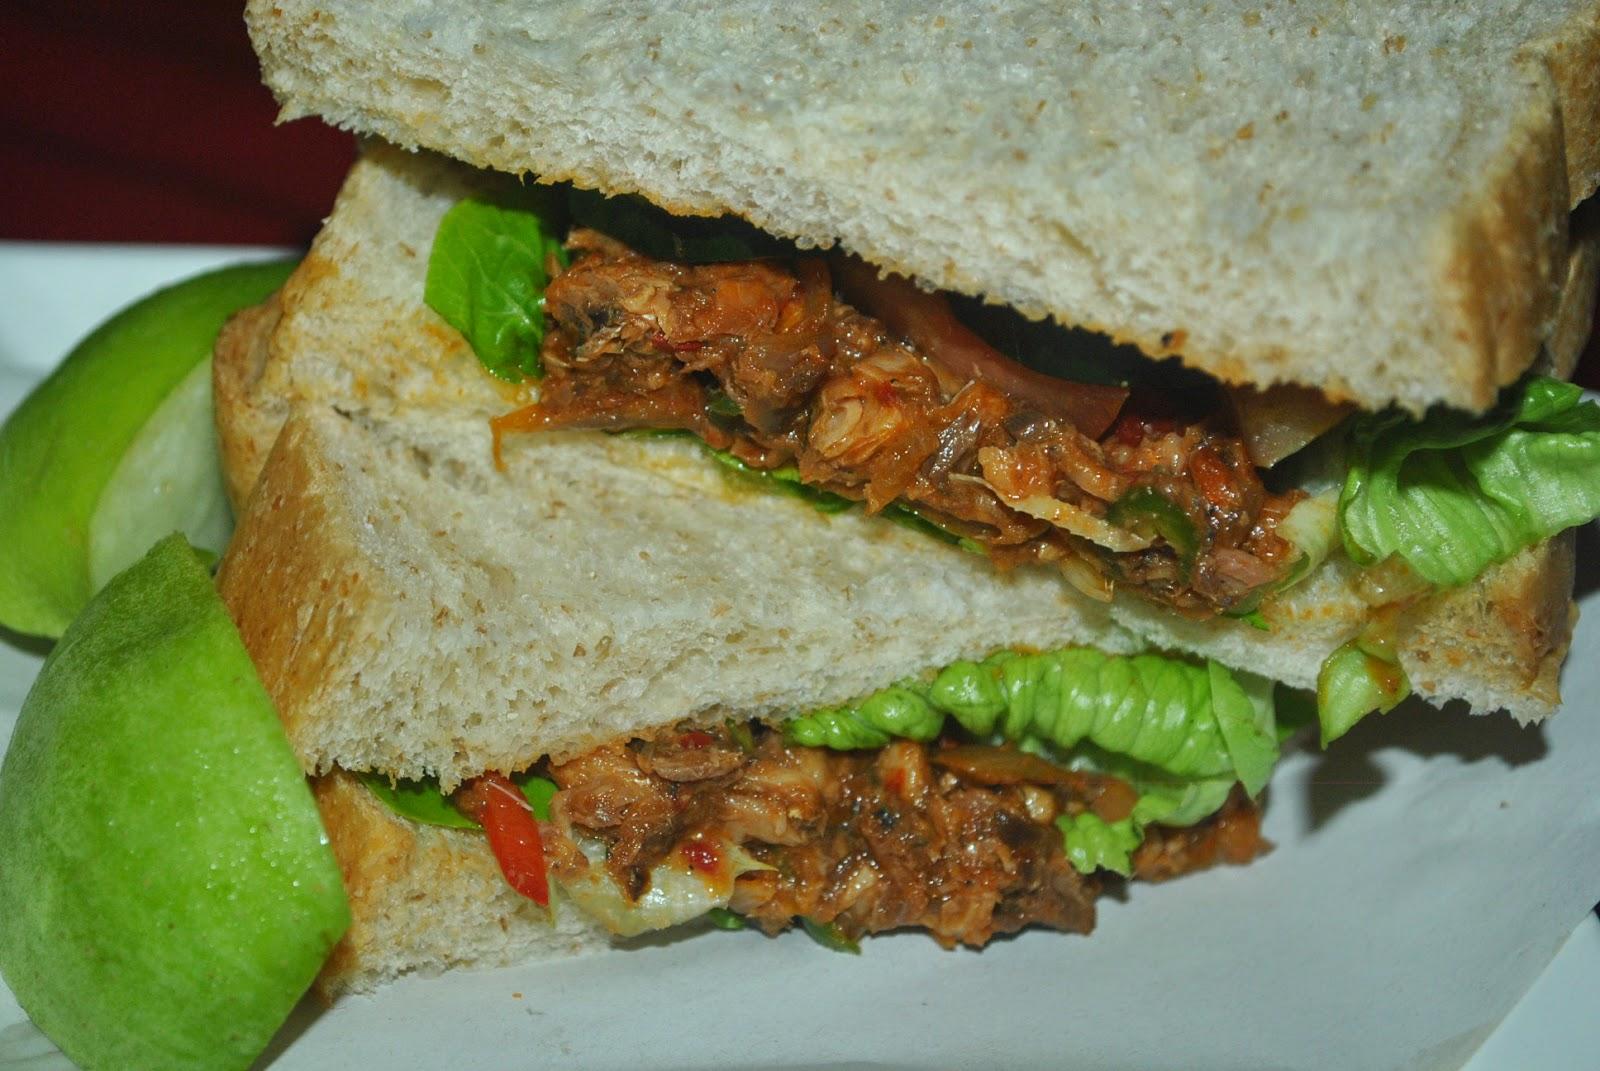 Patyskitchen sardine sandwich sandwich sardin for Sardine lunch ideas